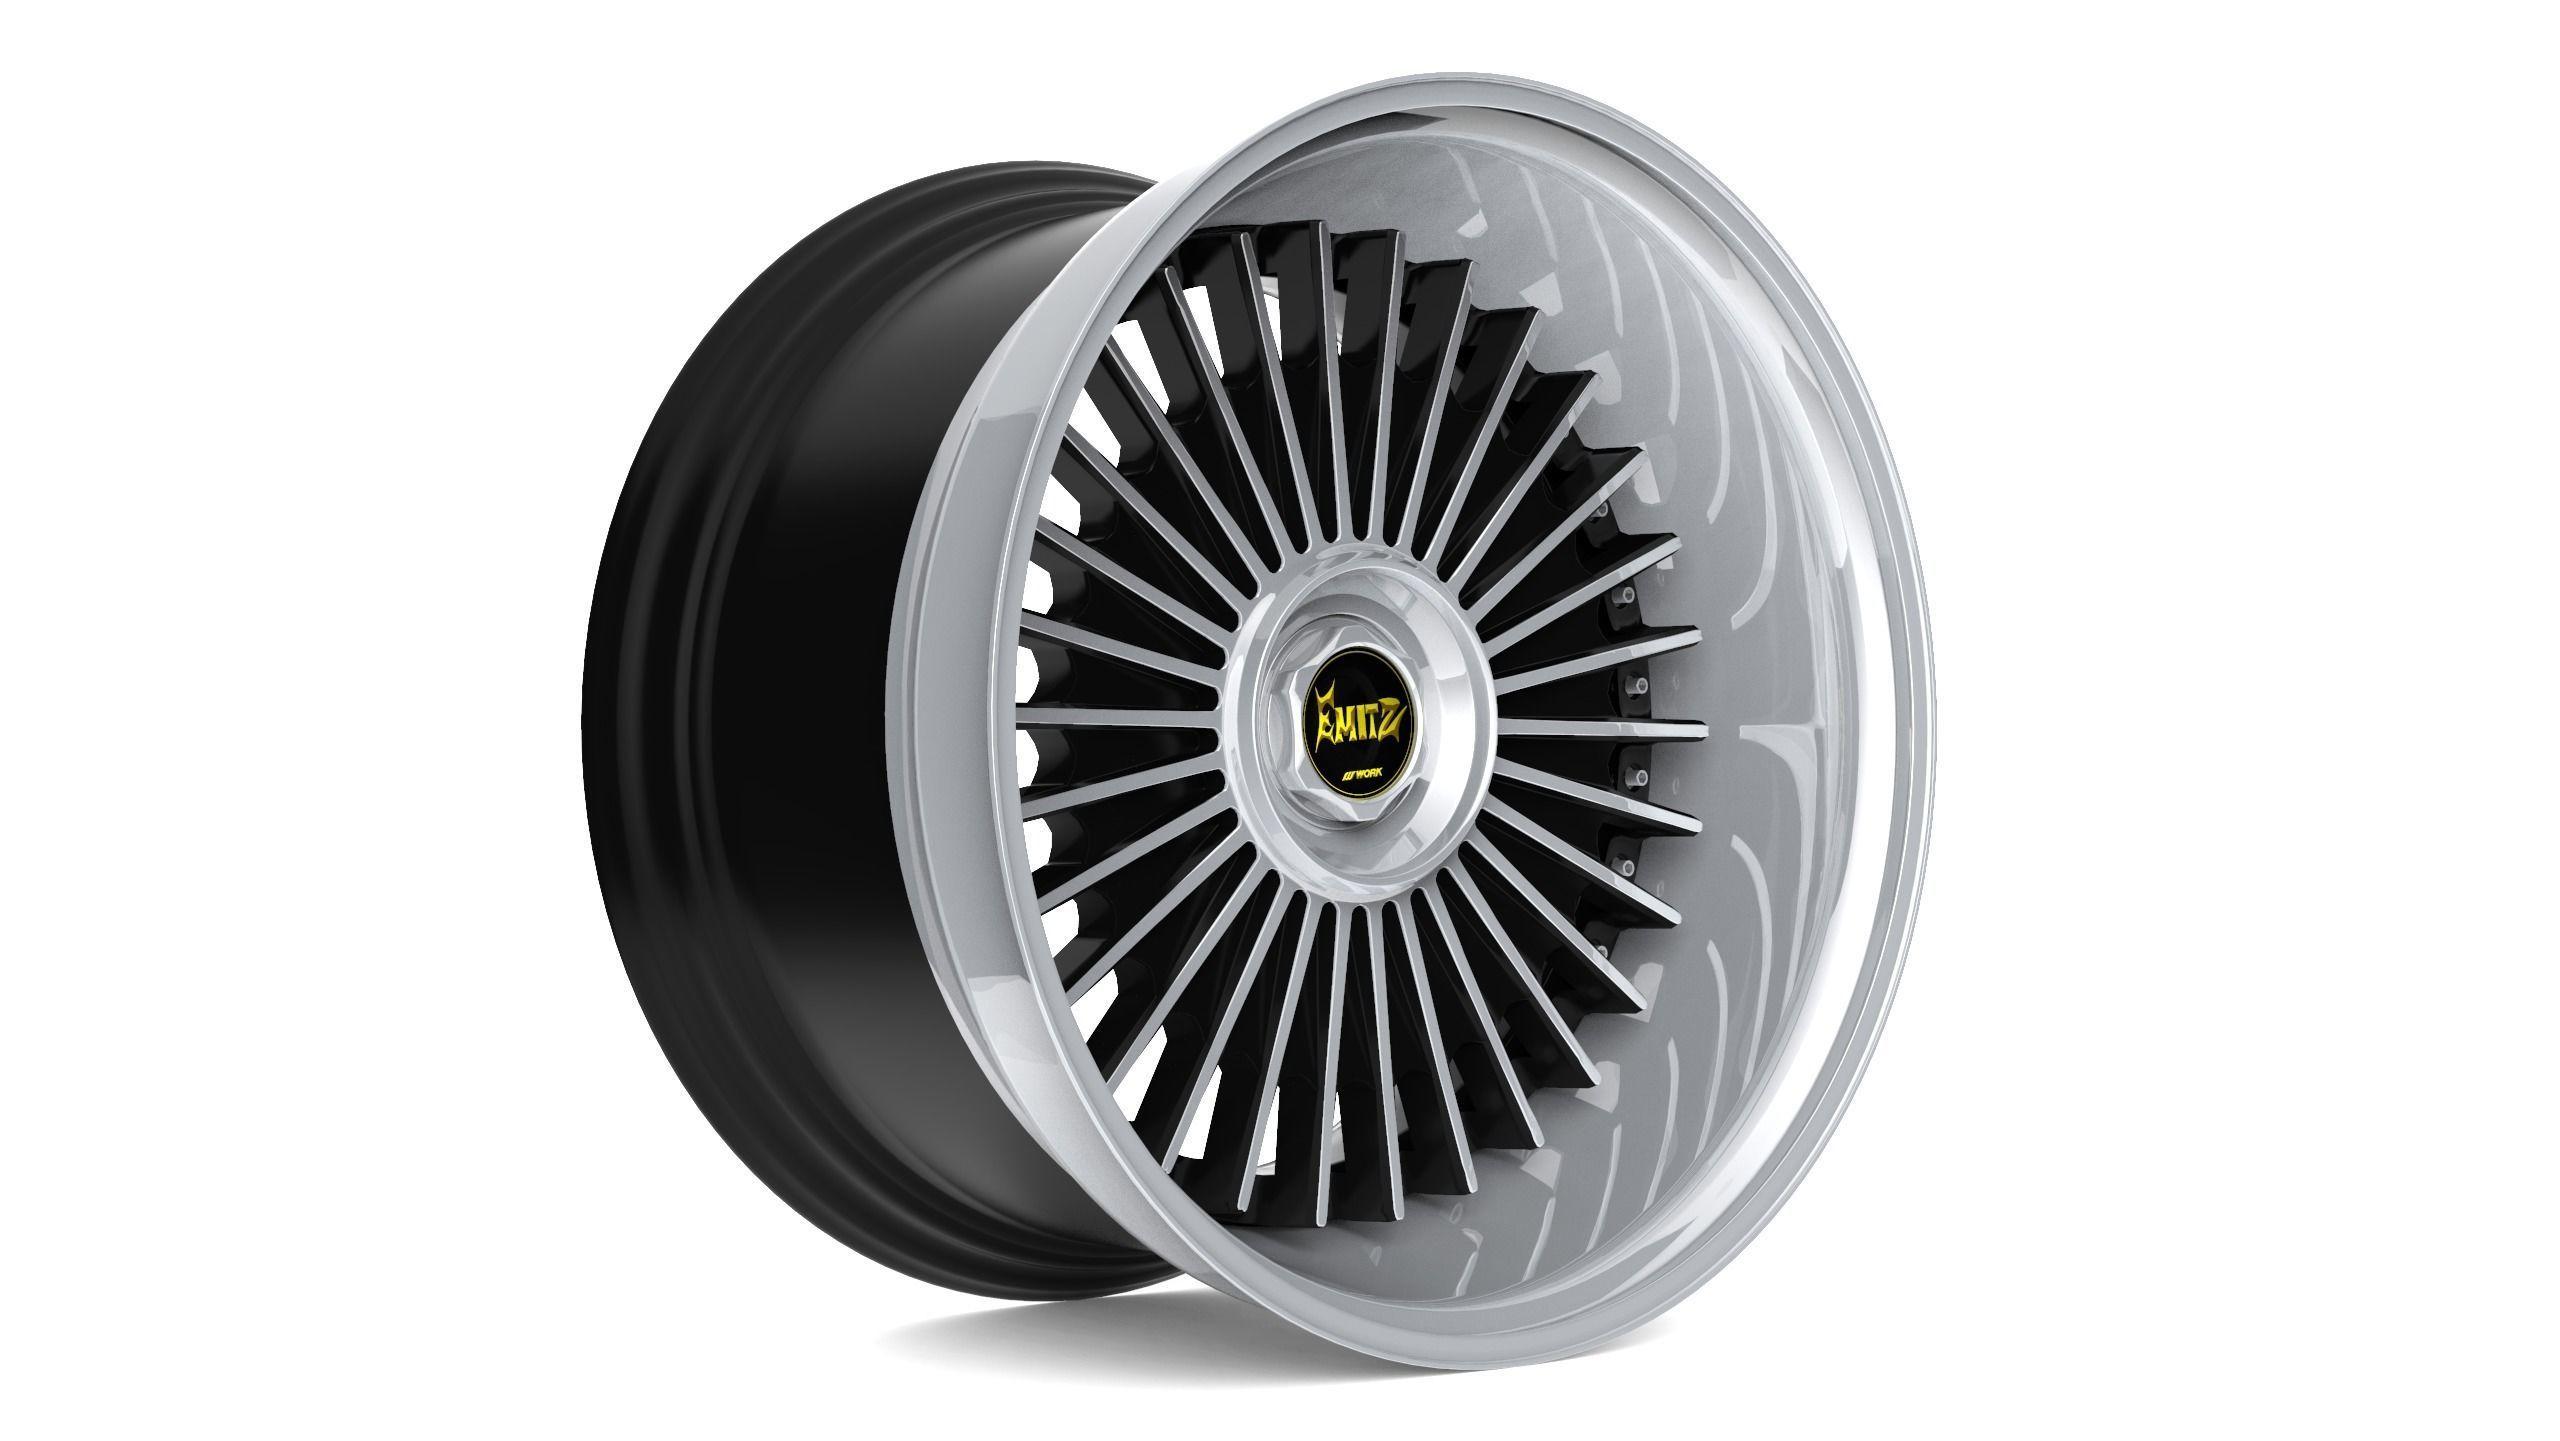 WORK EMITZ  Wheels Version 2